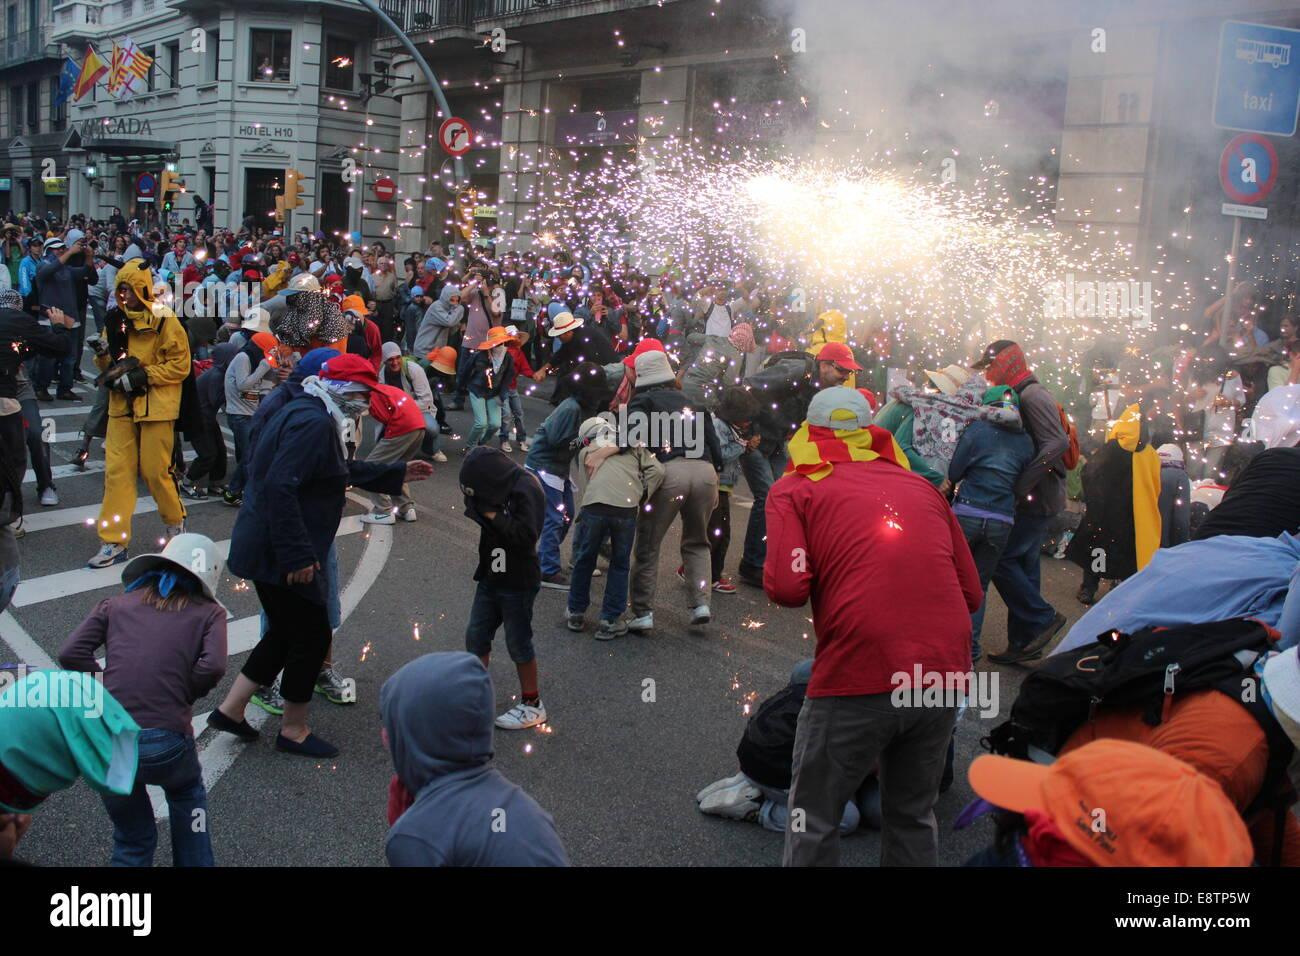 Barcellona, Spagna - 23 Settembre 2012: Revelers prendere la copertura da scintille e rumore forte durante il Correfoc Immagini Stock